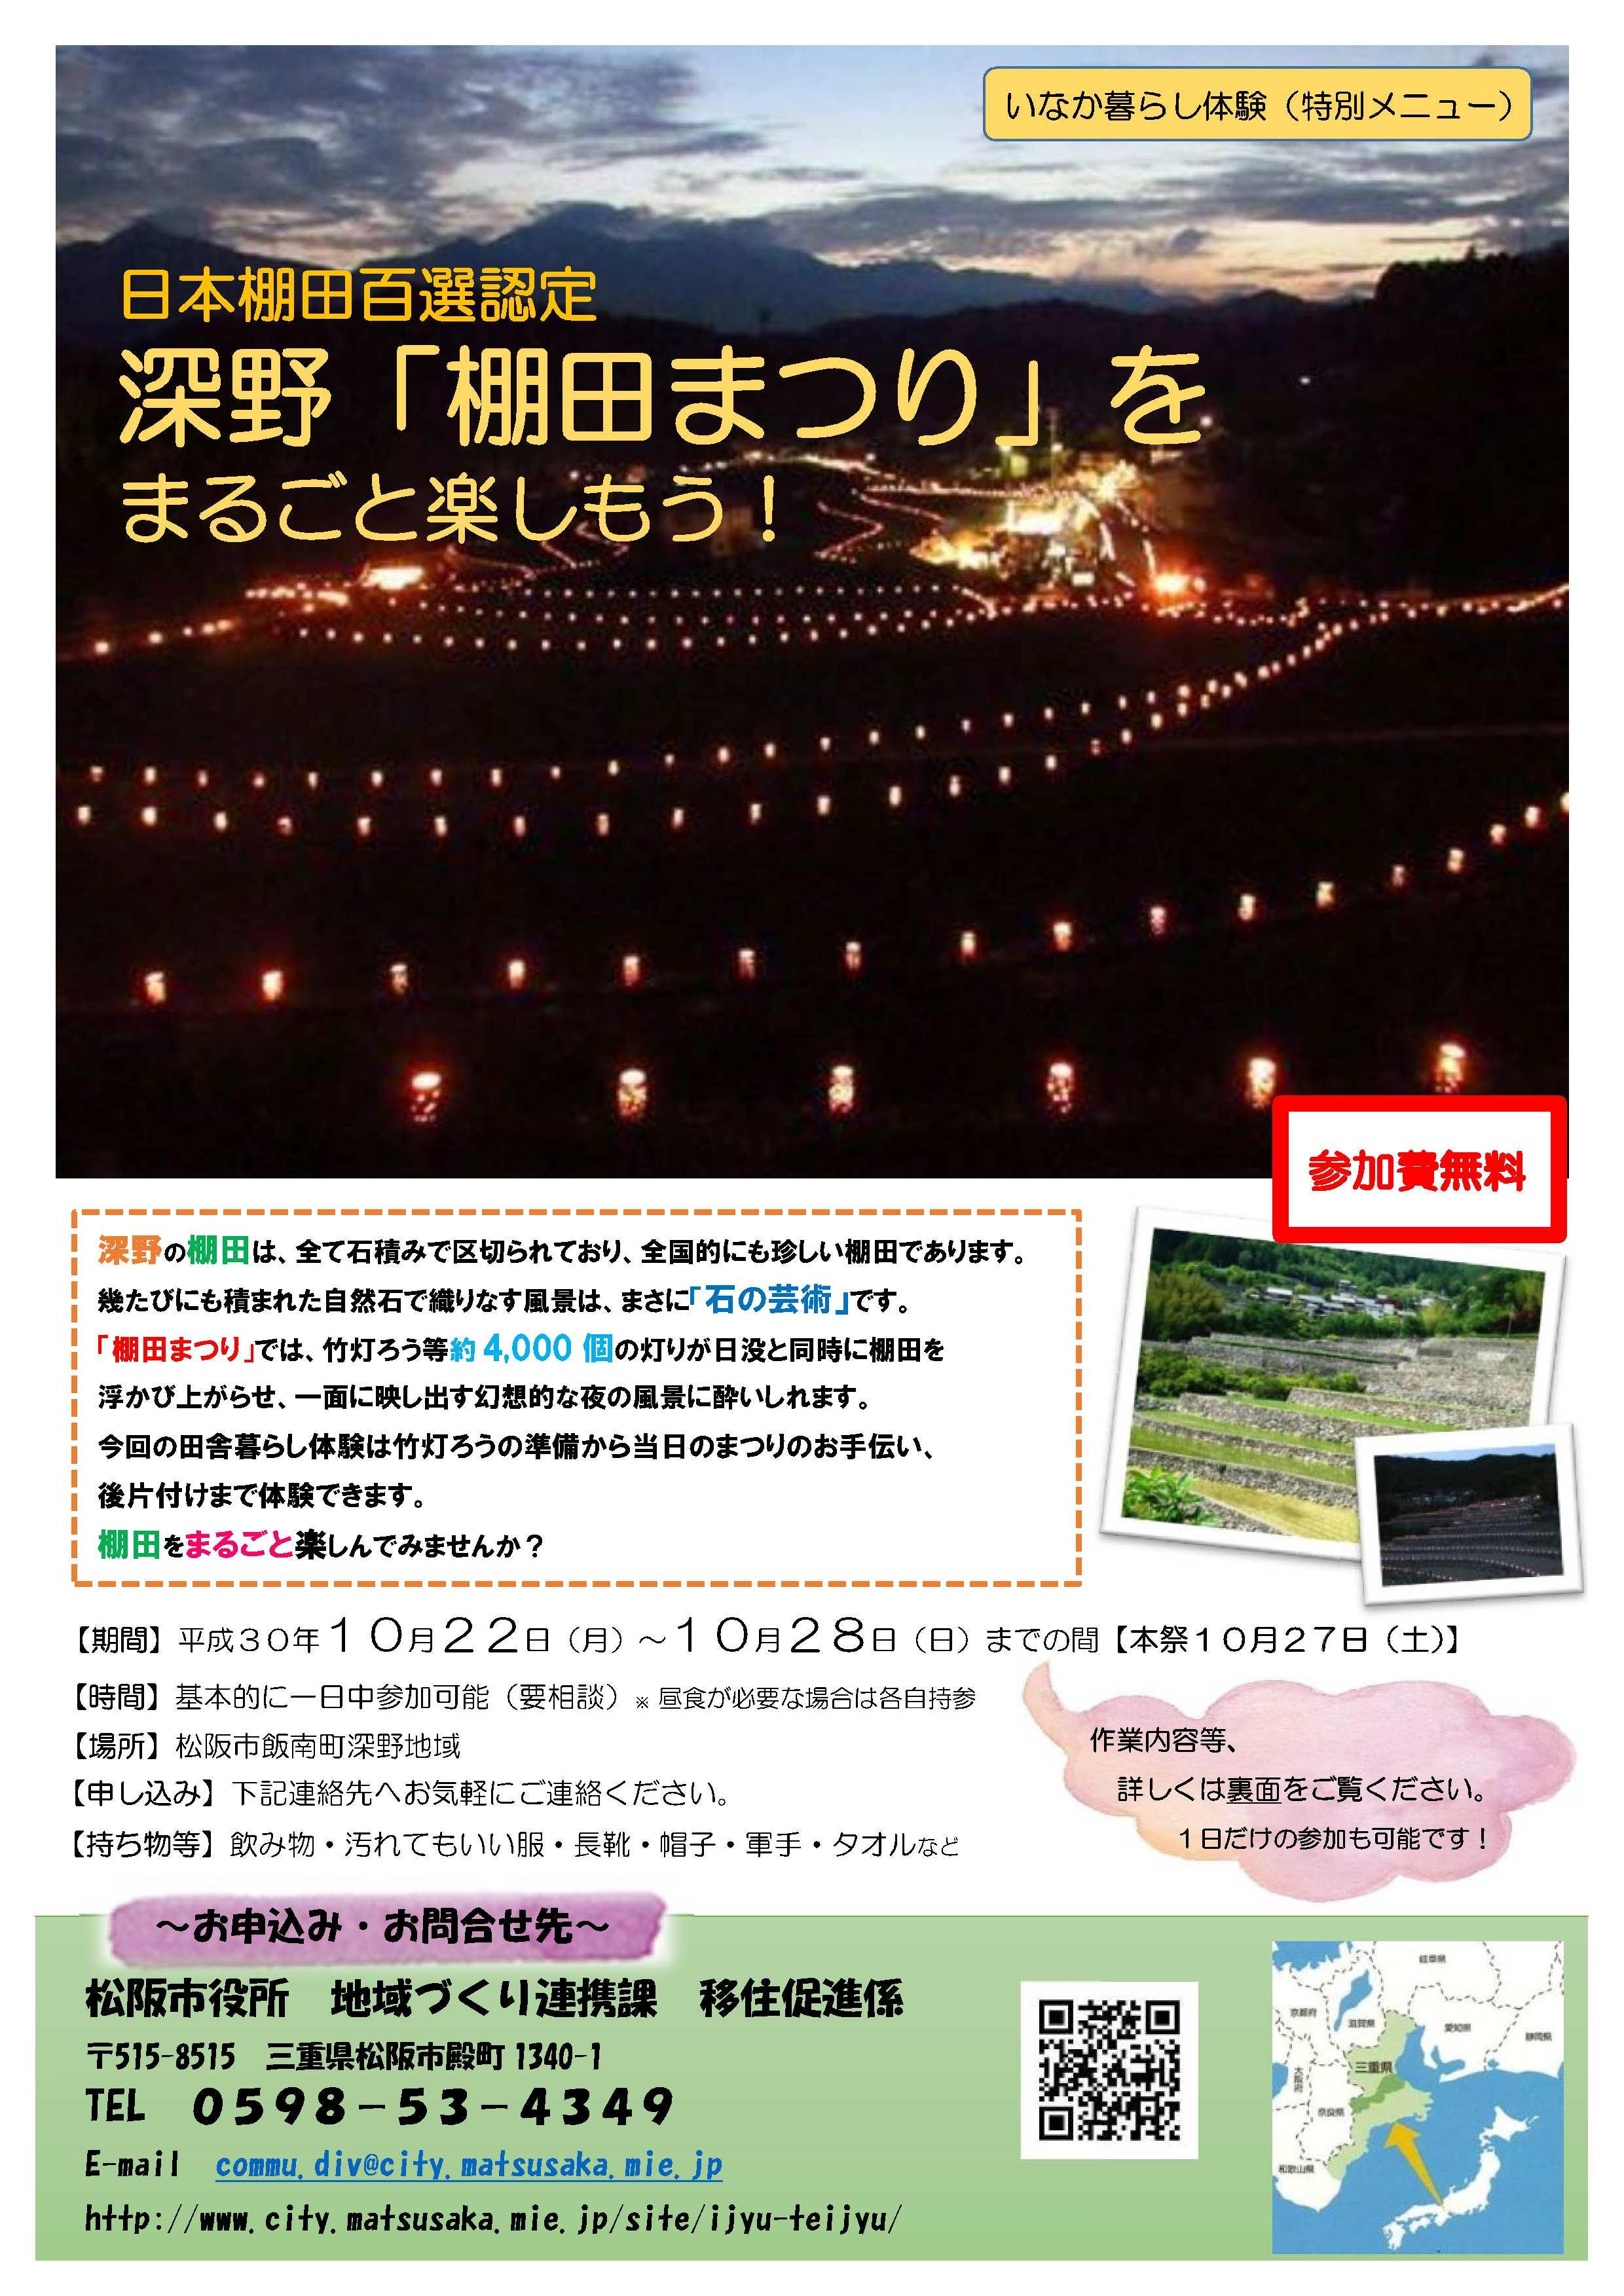 【松阪市】深野「棚田まつり」を準備からまるごと楽しみませんか?_写真1